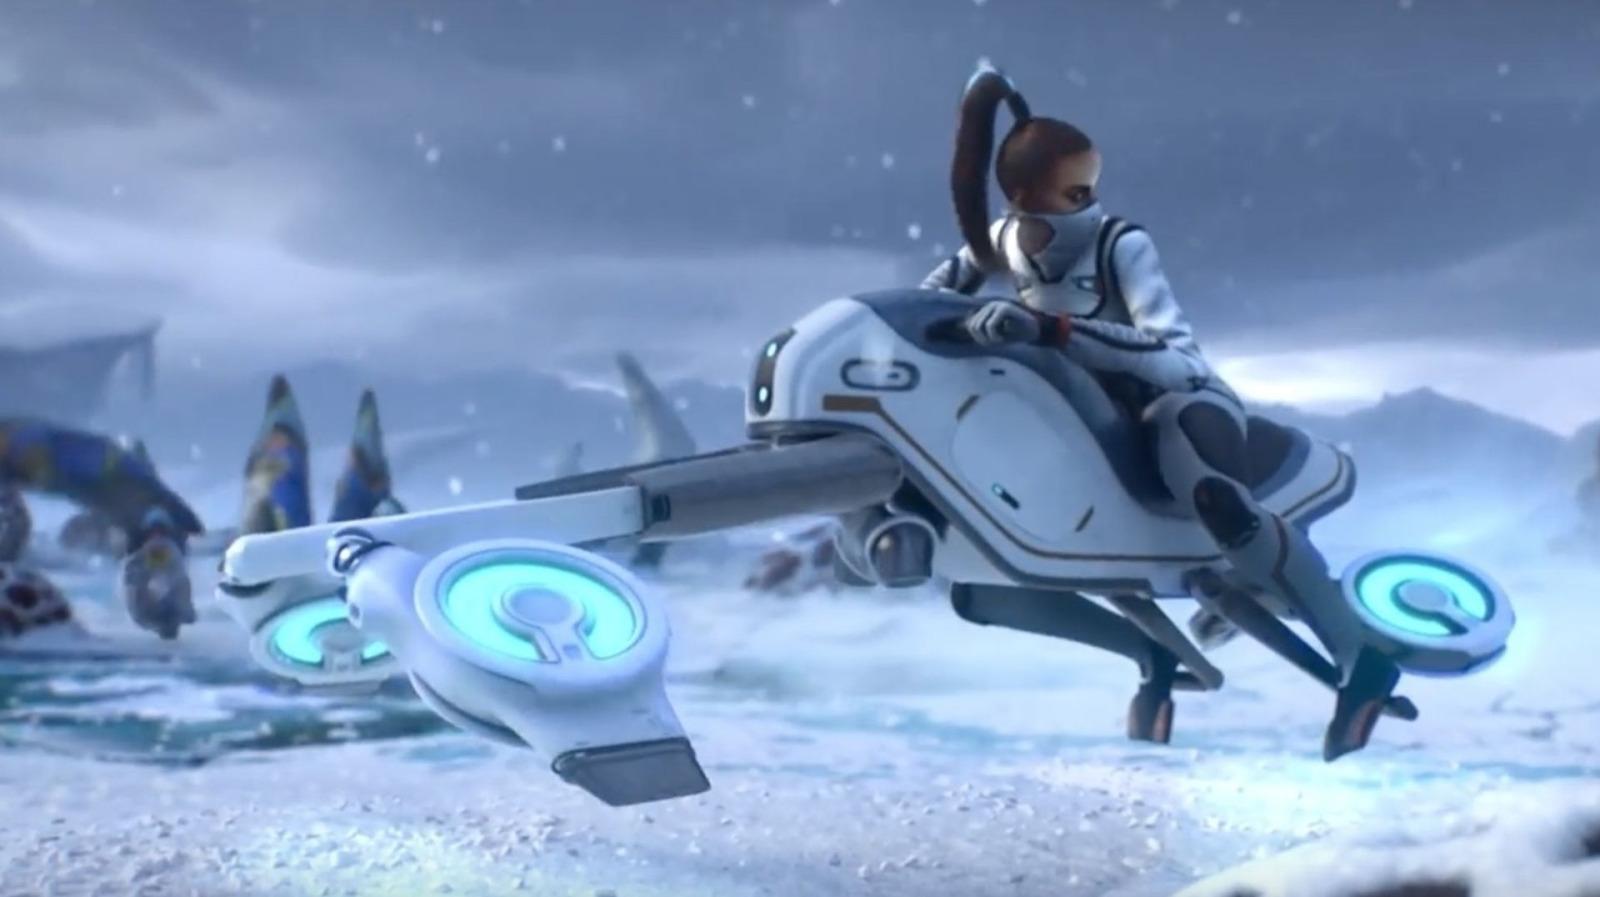 subnautica below zero snowfox hoverbike